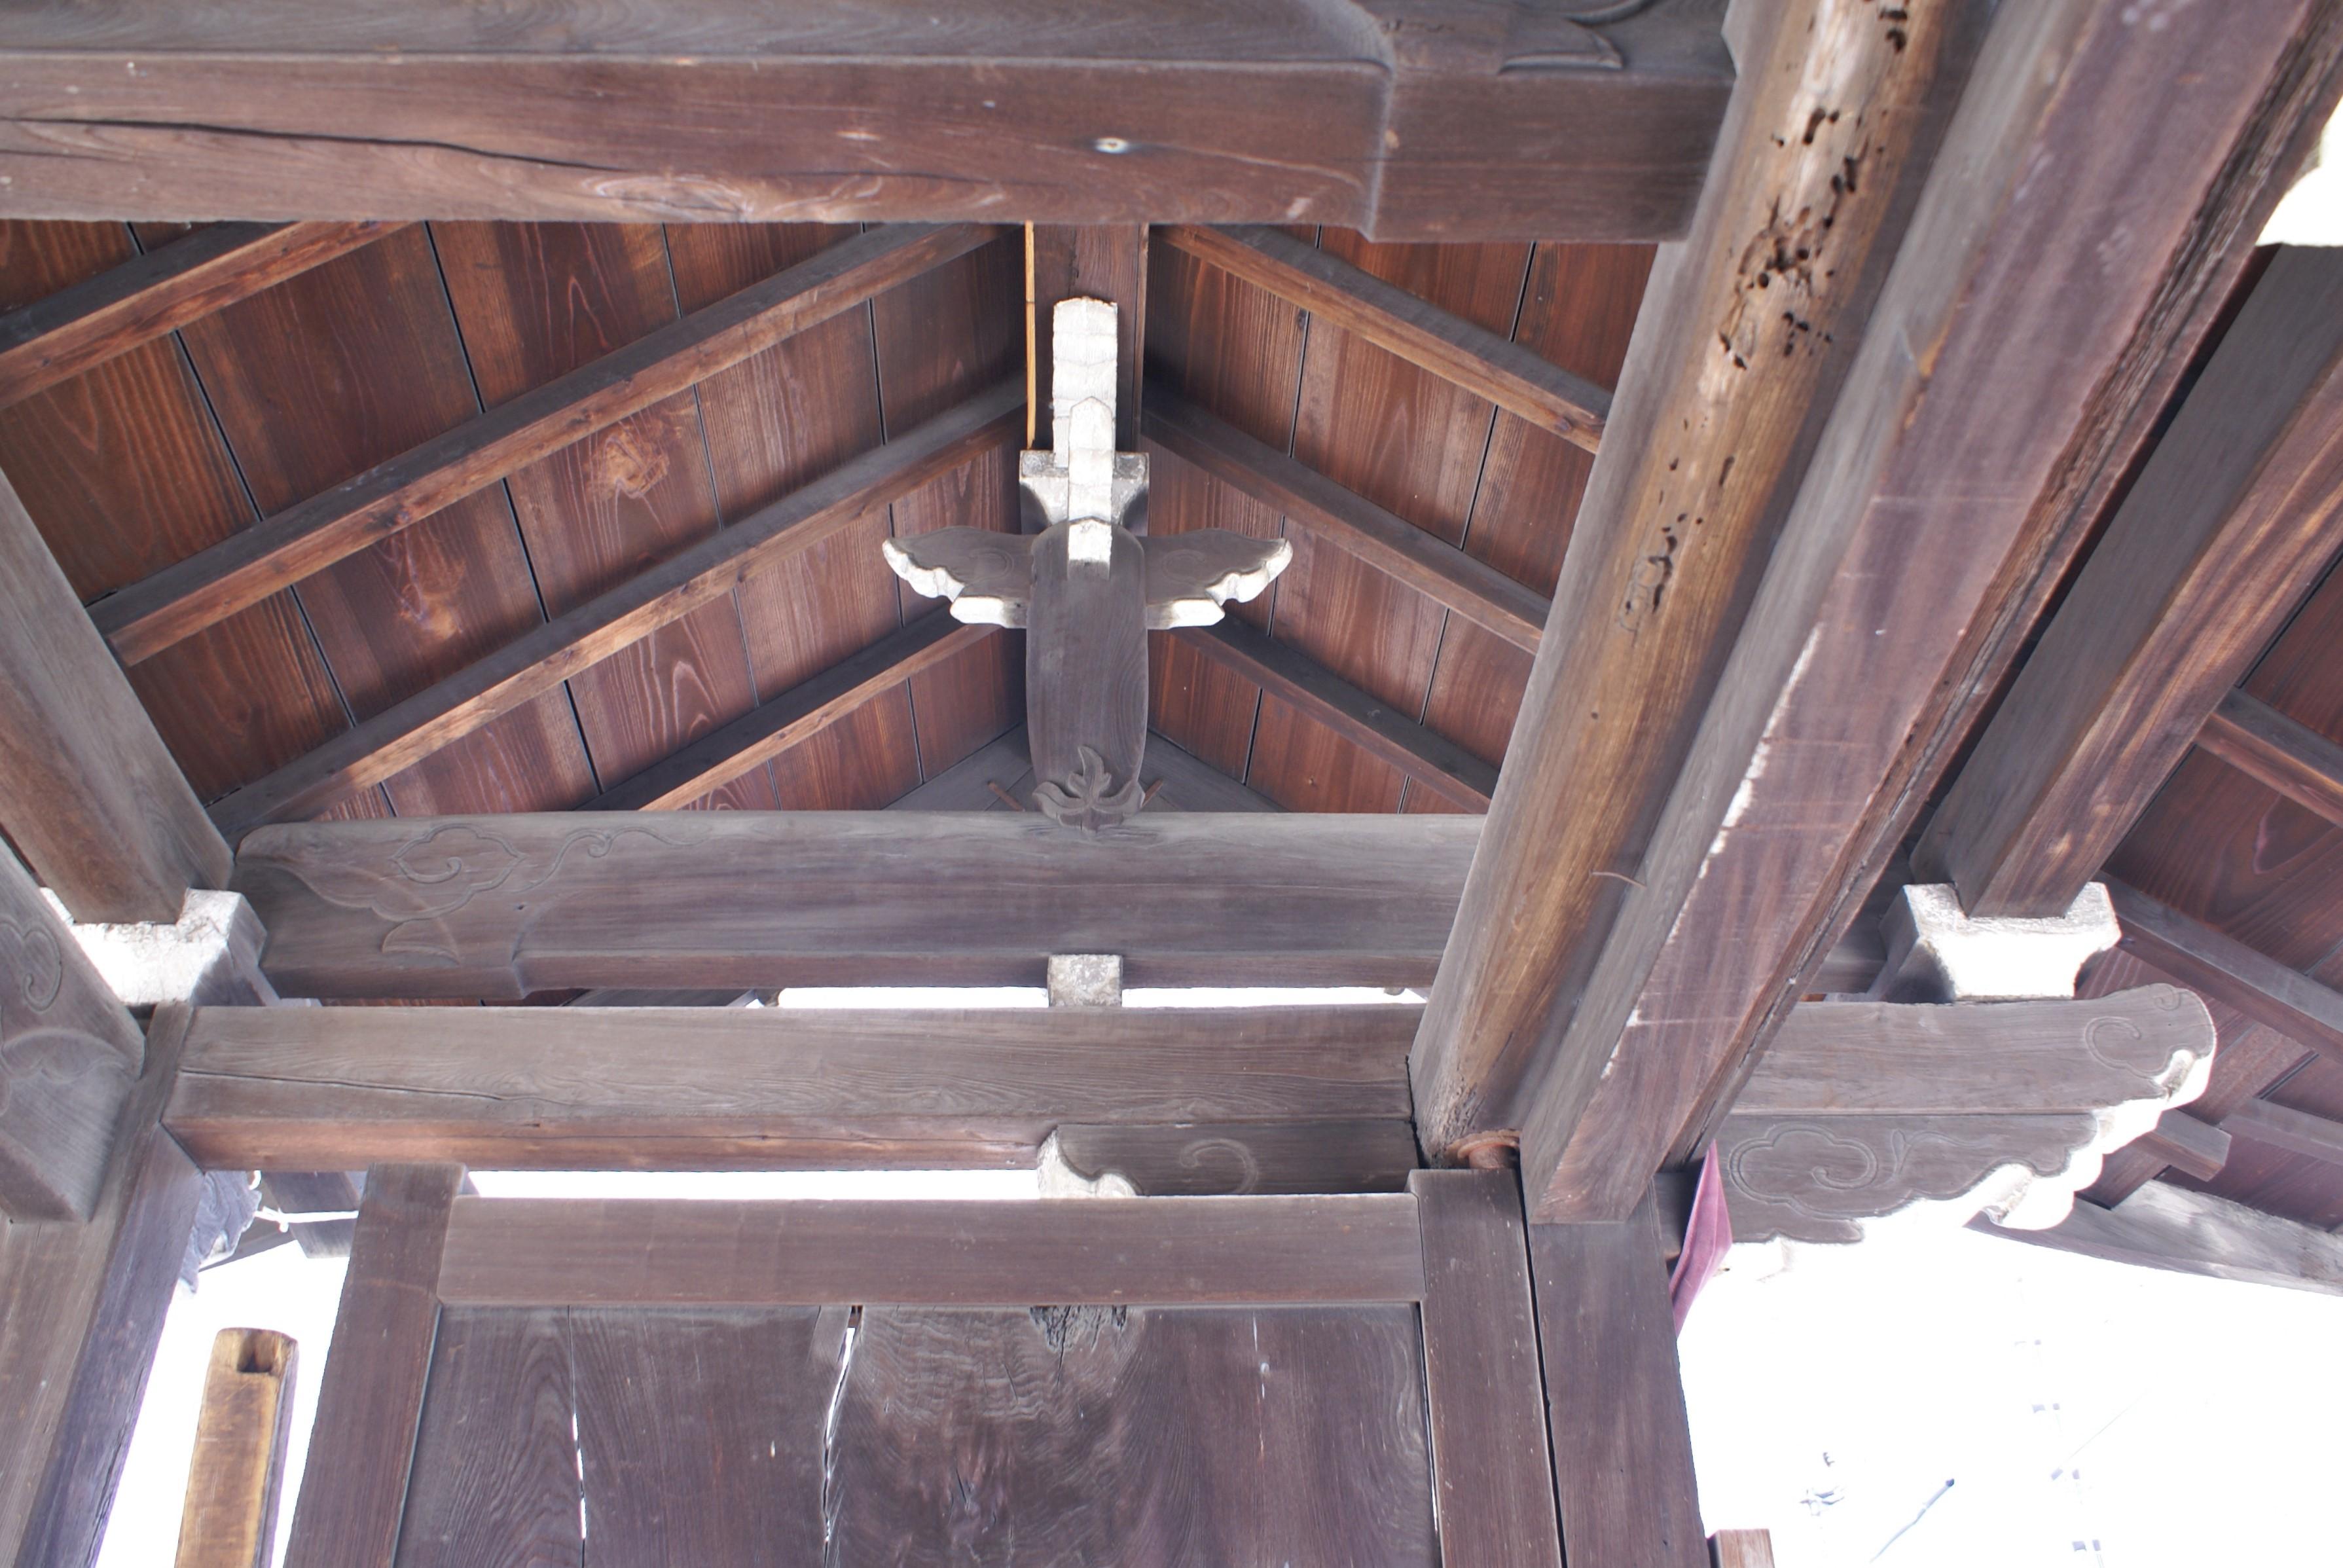 <p>山門中央からの見上げ</p>女梁・男梁・虹梁の彫刻と細かにデザインされた大瓶束と四方にでた木鼻が見える。